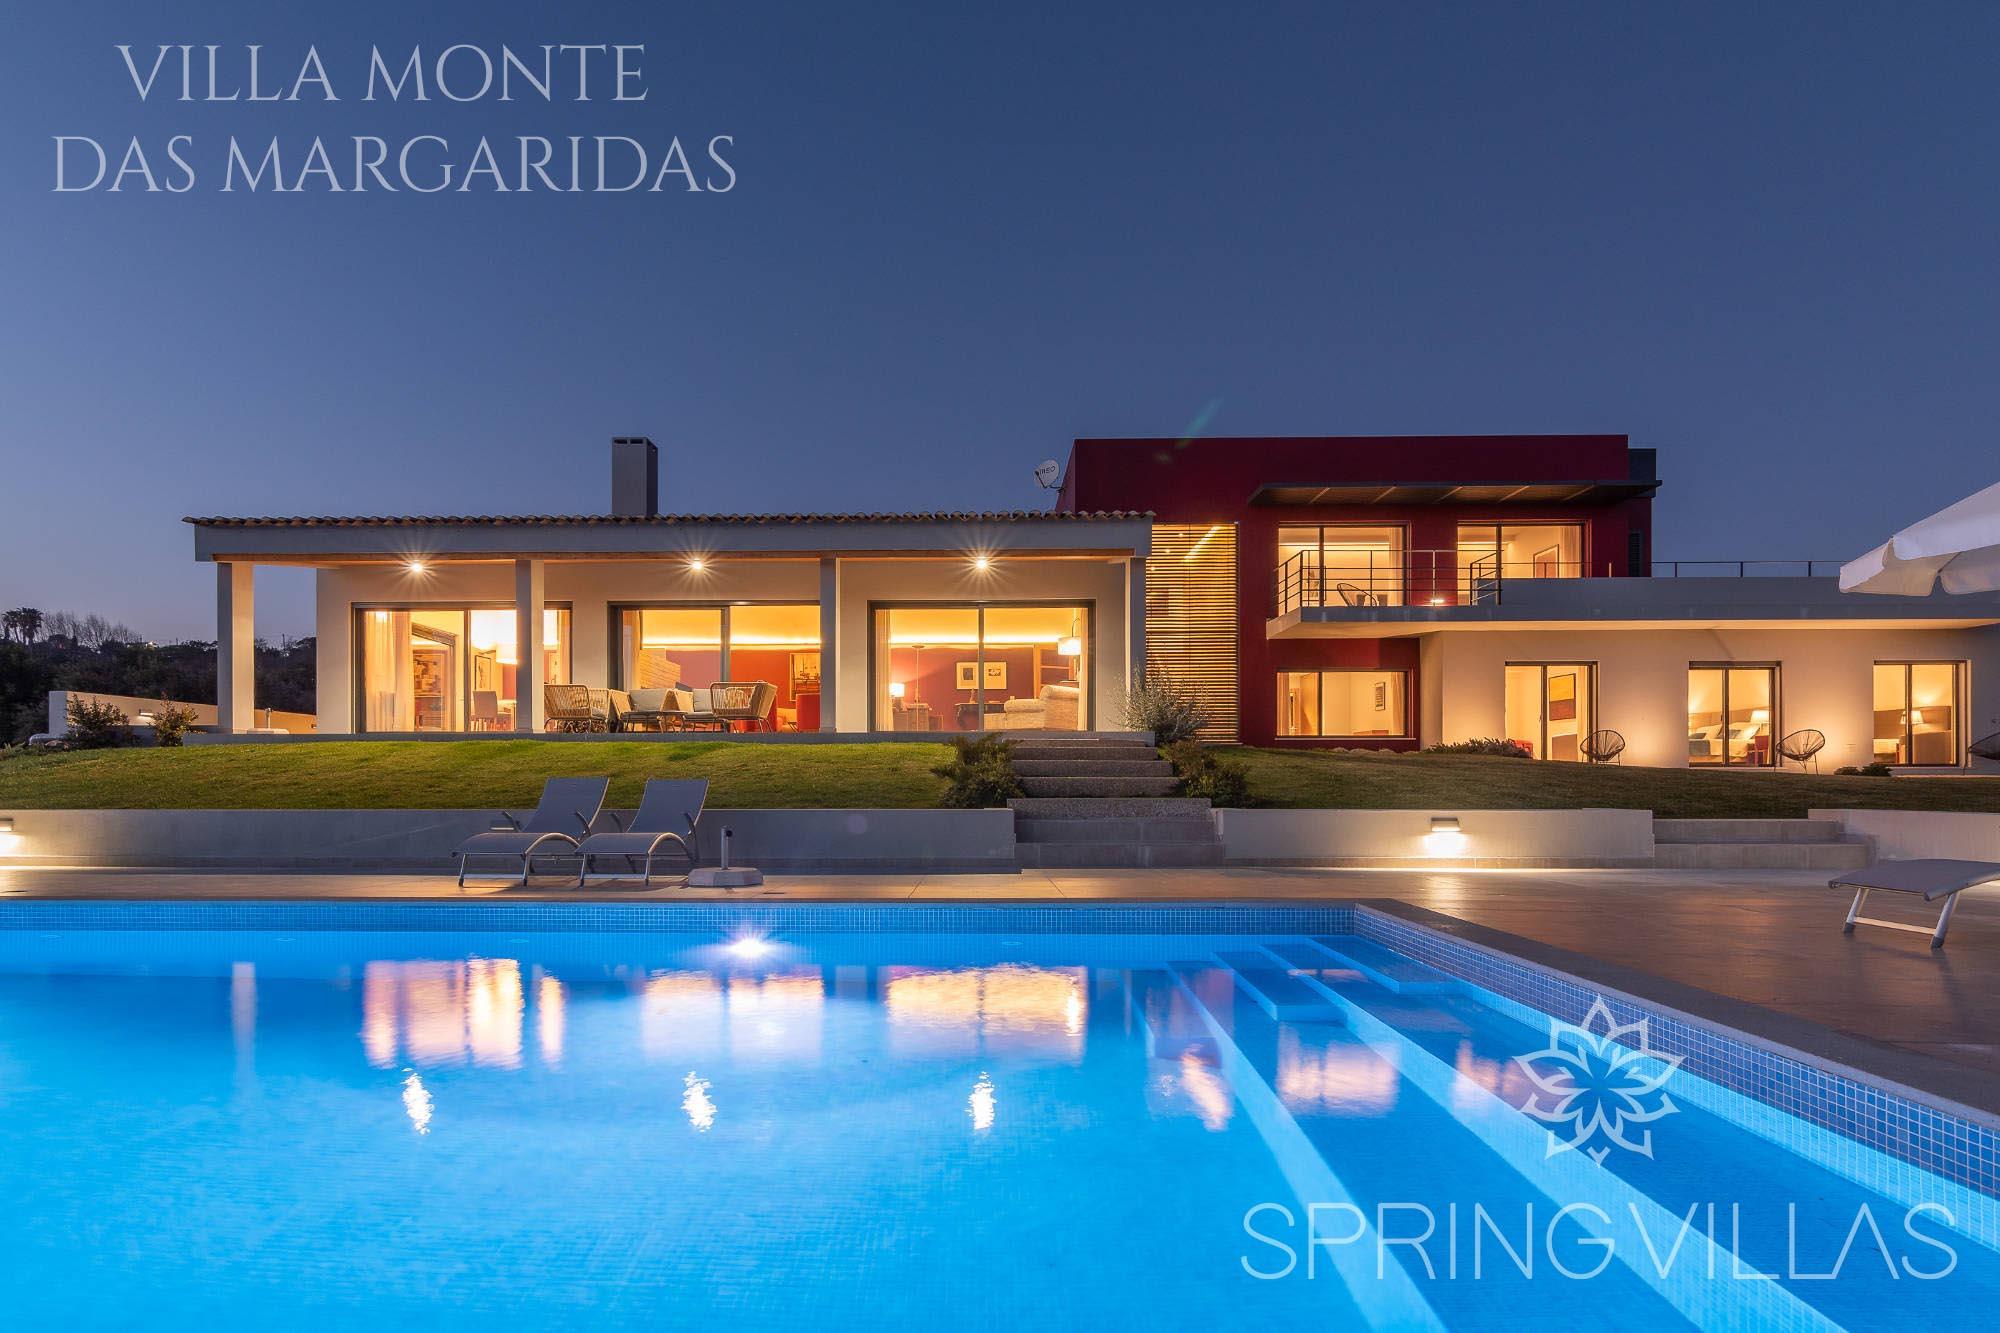 Private Villas In Portugal villa monte das margaridas - 5 bedrooms, sleeps 12 in